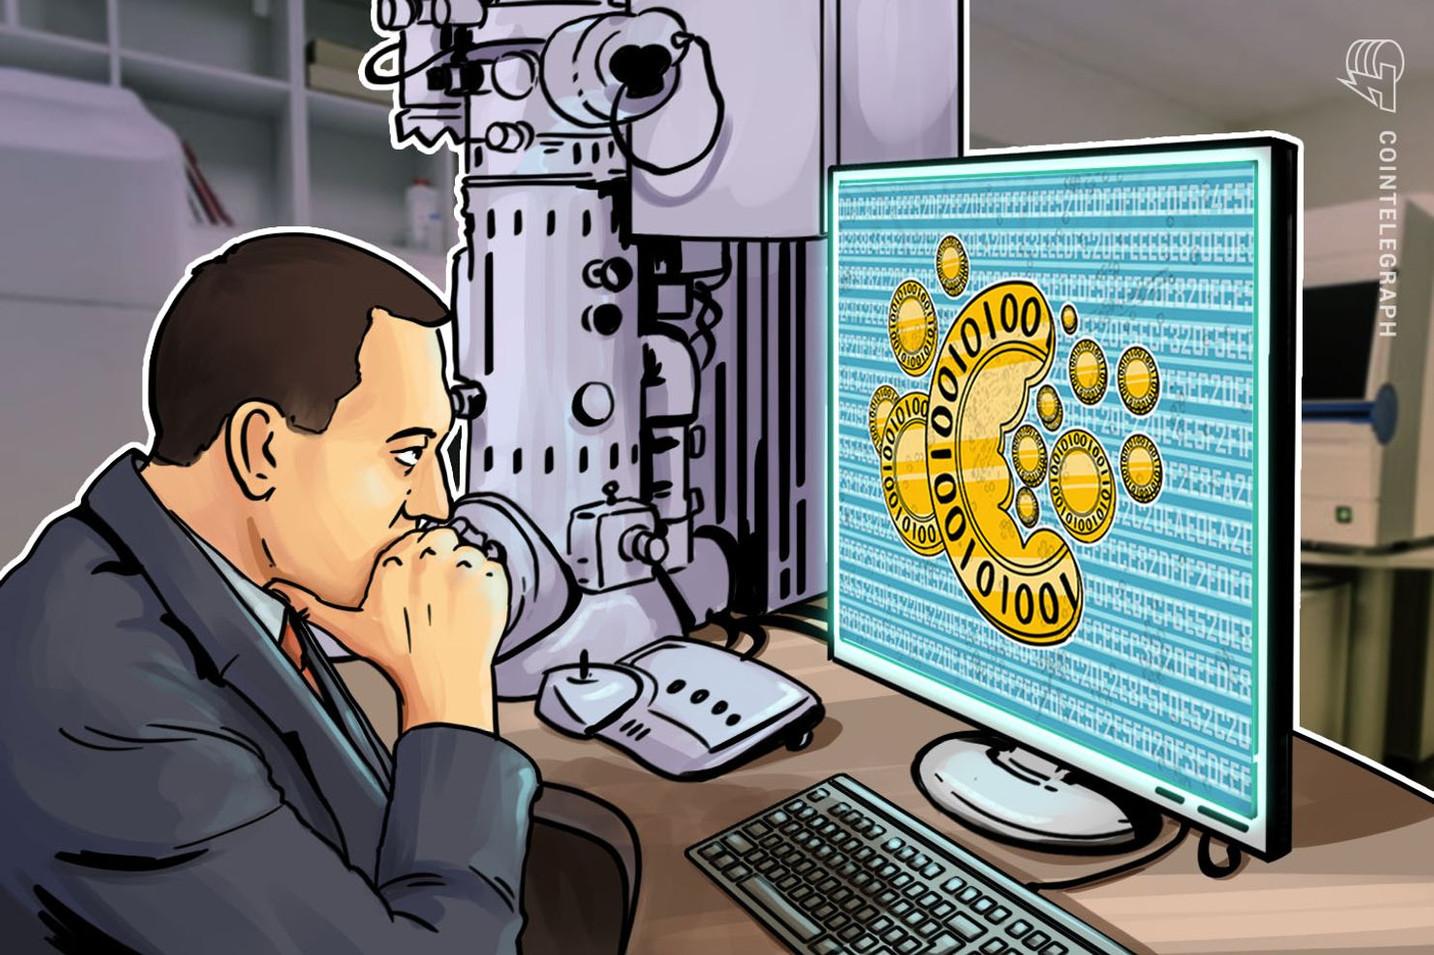 Las mejores criptomonedas según su rendimiento: Una mirada crítica al mercado